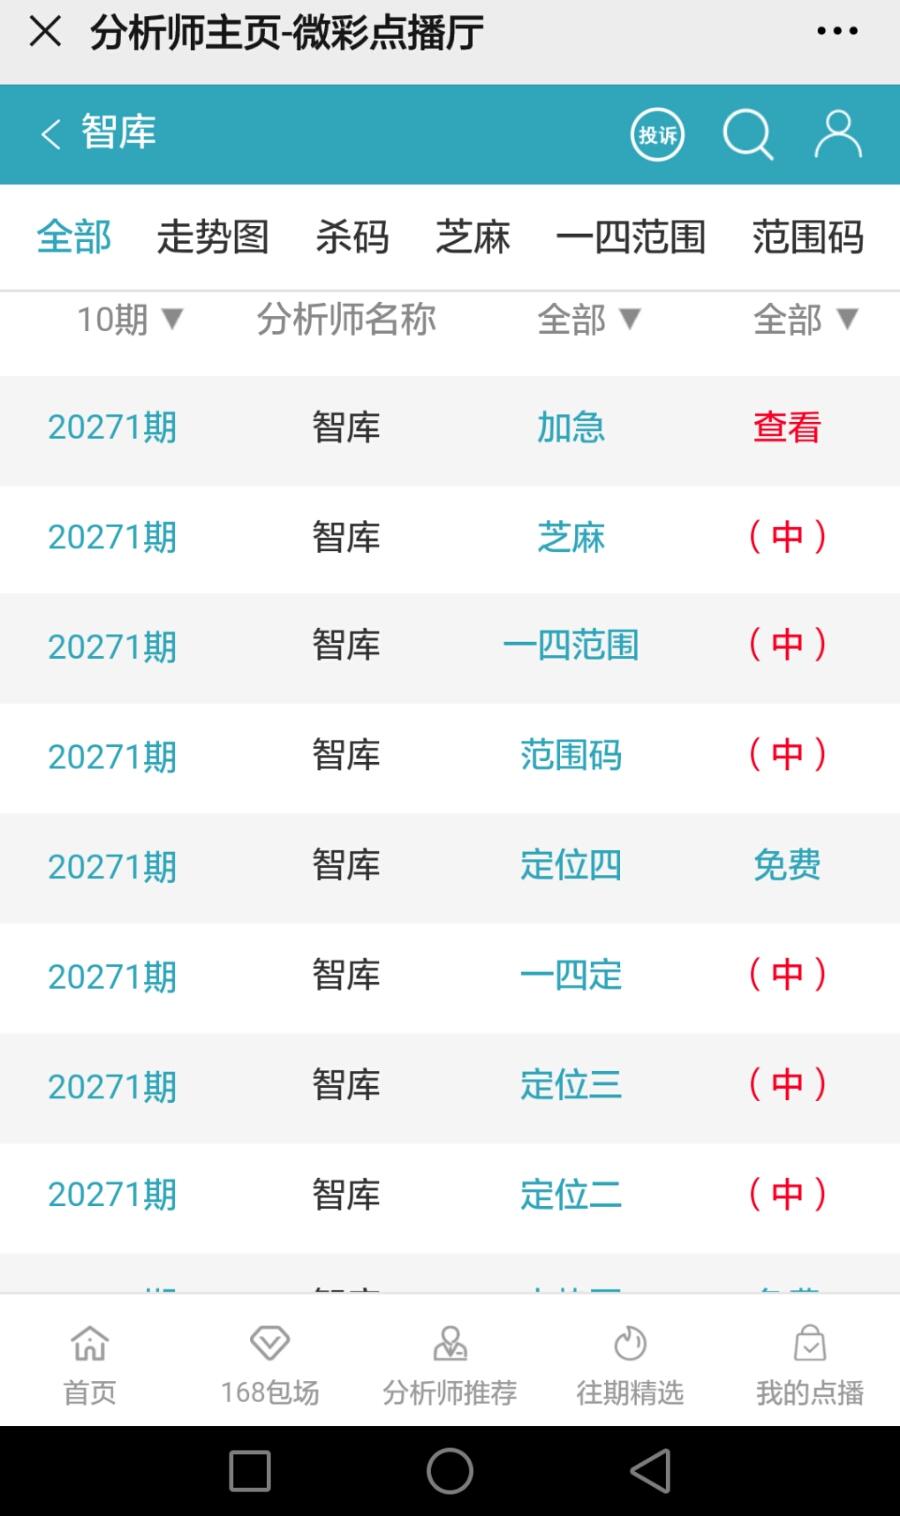 Screenshot_2020-11-20-20-41-27.jpg